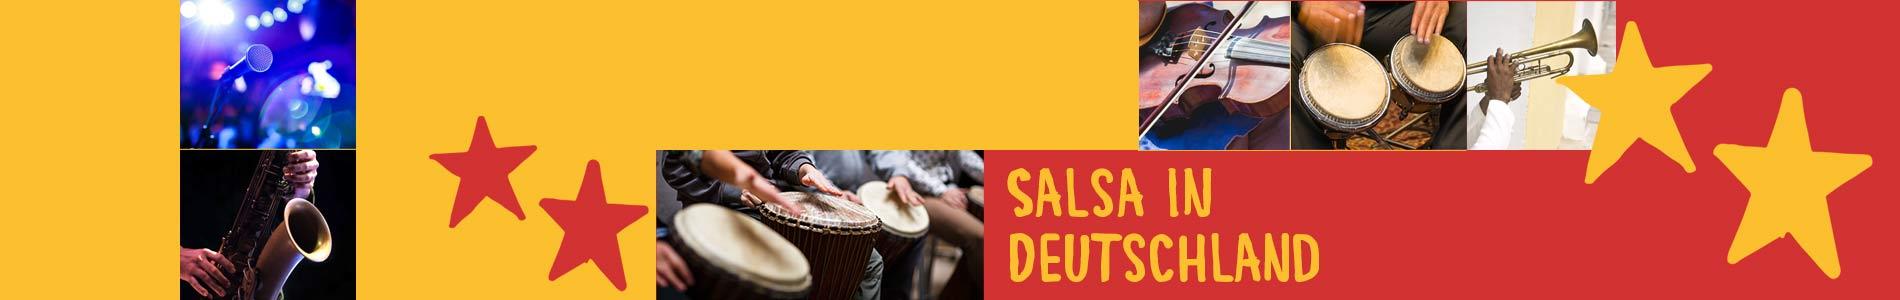 Salsa in Buggingen – Salsa lernen und tanzen, Tanzkurse, Partys, Veranstaltungen